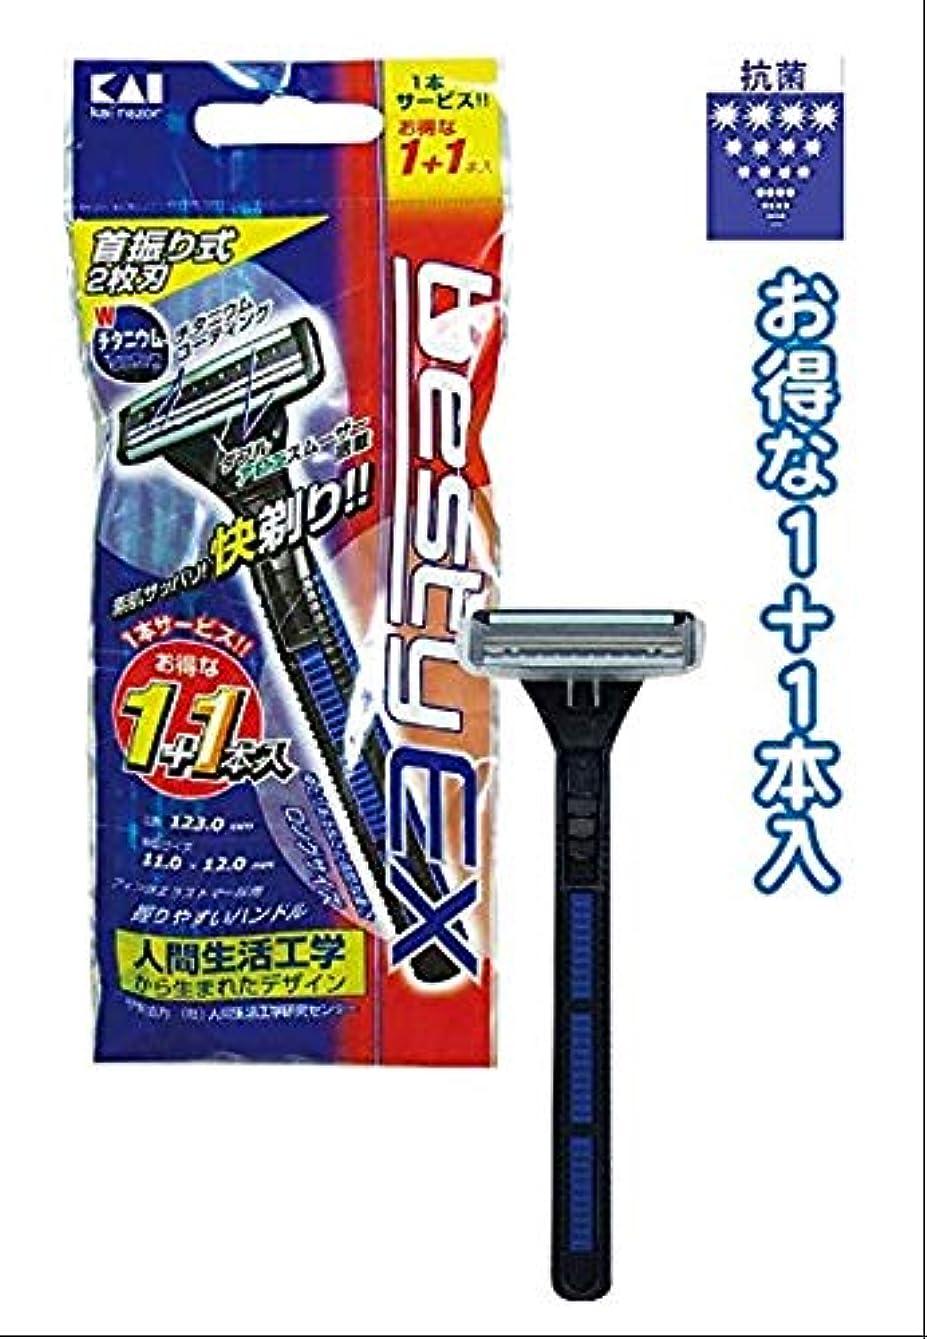 貝印 ベスティー EX2 枚刃 首振式 1+1本入 (2個入り)